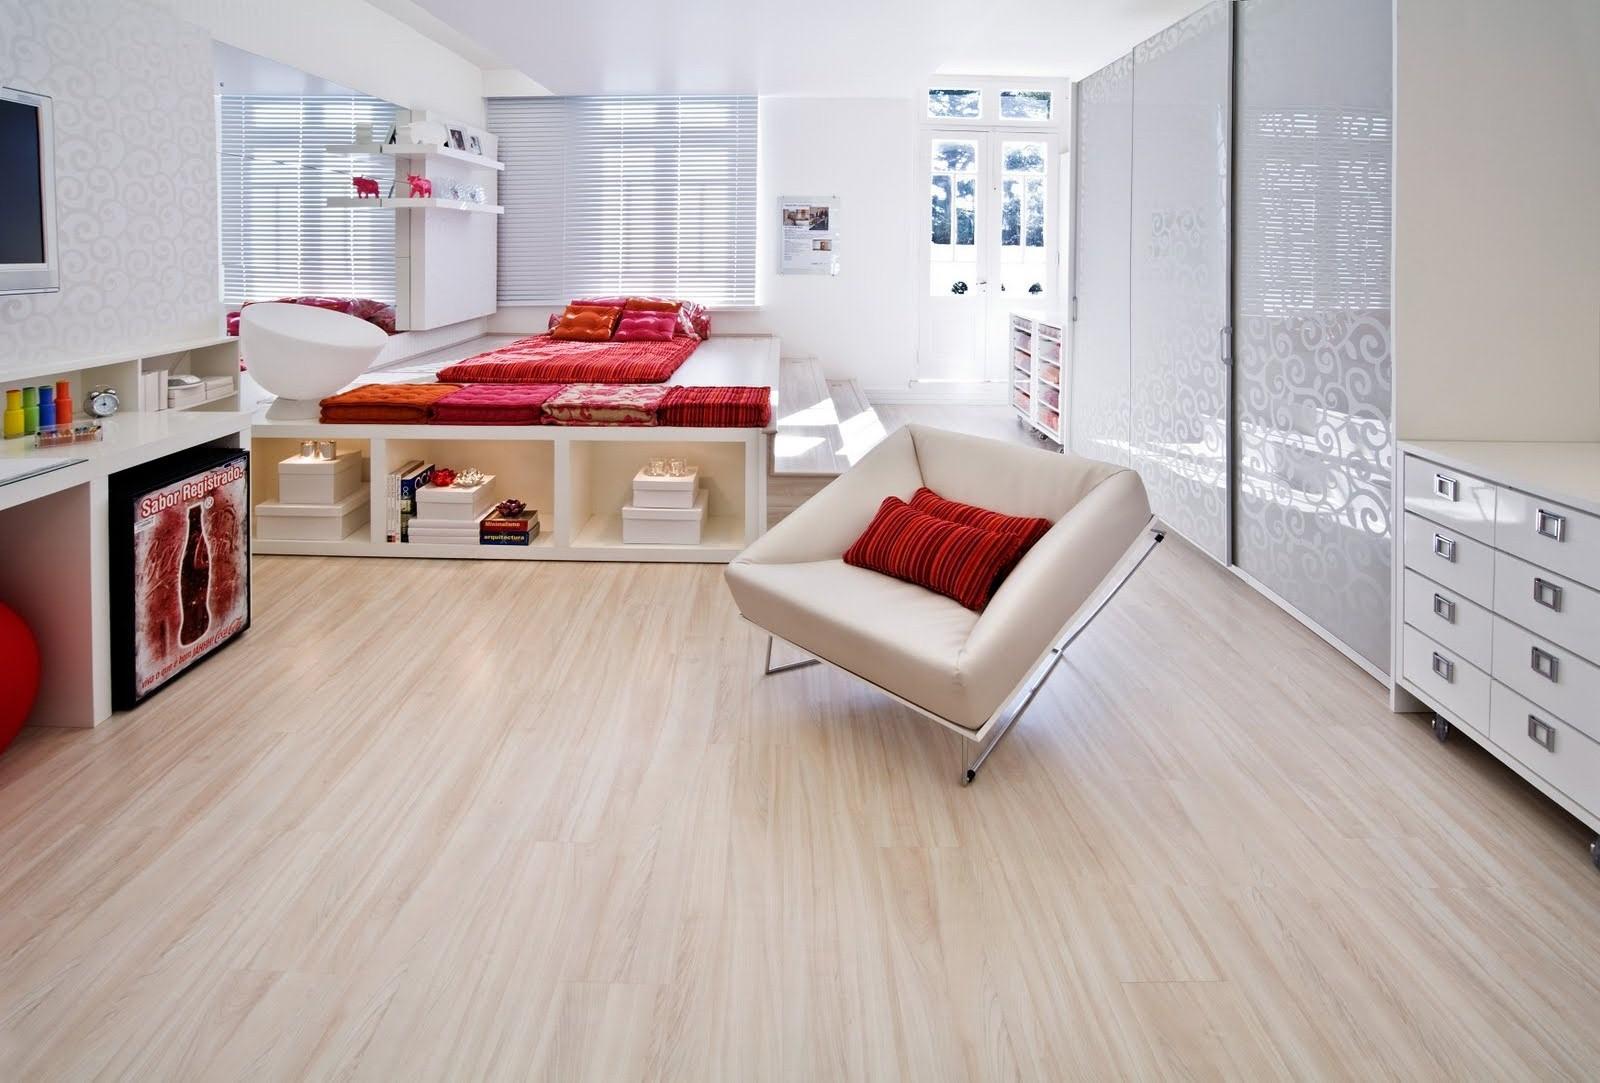 Pisos que imitam madeira 60 fotos e ideias - Fotos pisos modernos ...